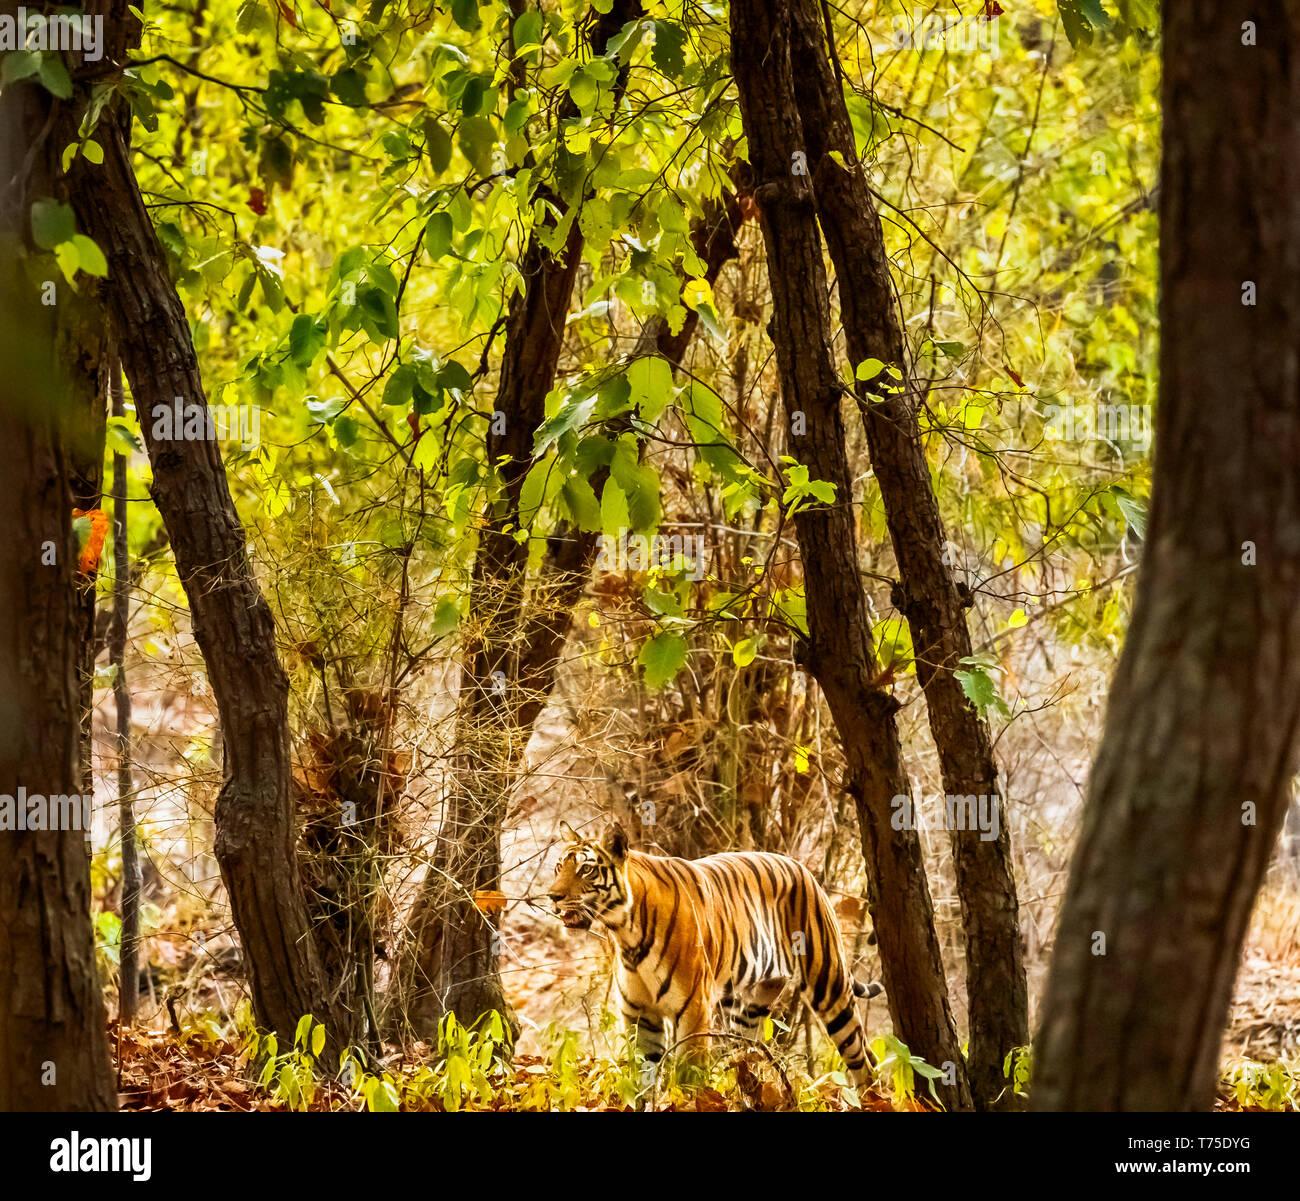 Tigress, Bengal tiger (Panthera tigris) walking in woodland, Bandhavgarh National Park, Umaria district of the central Indian state of Madhya Pradesh - Stock Image